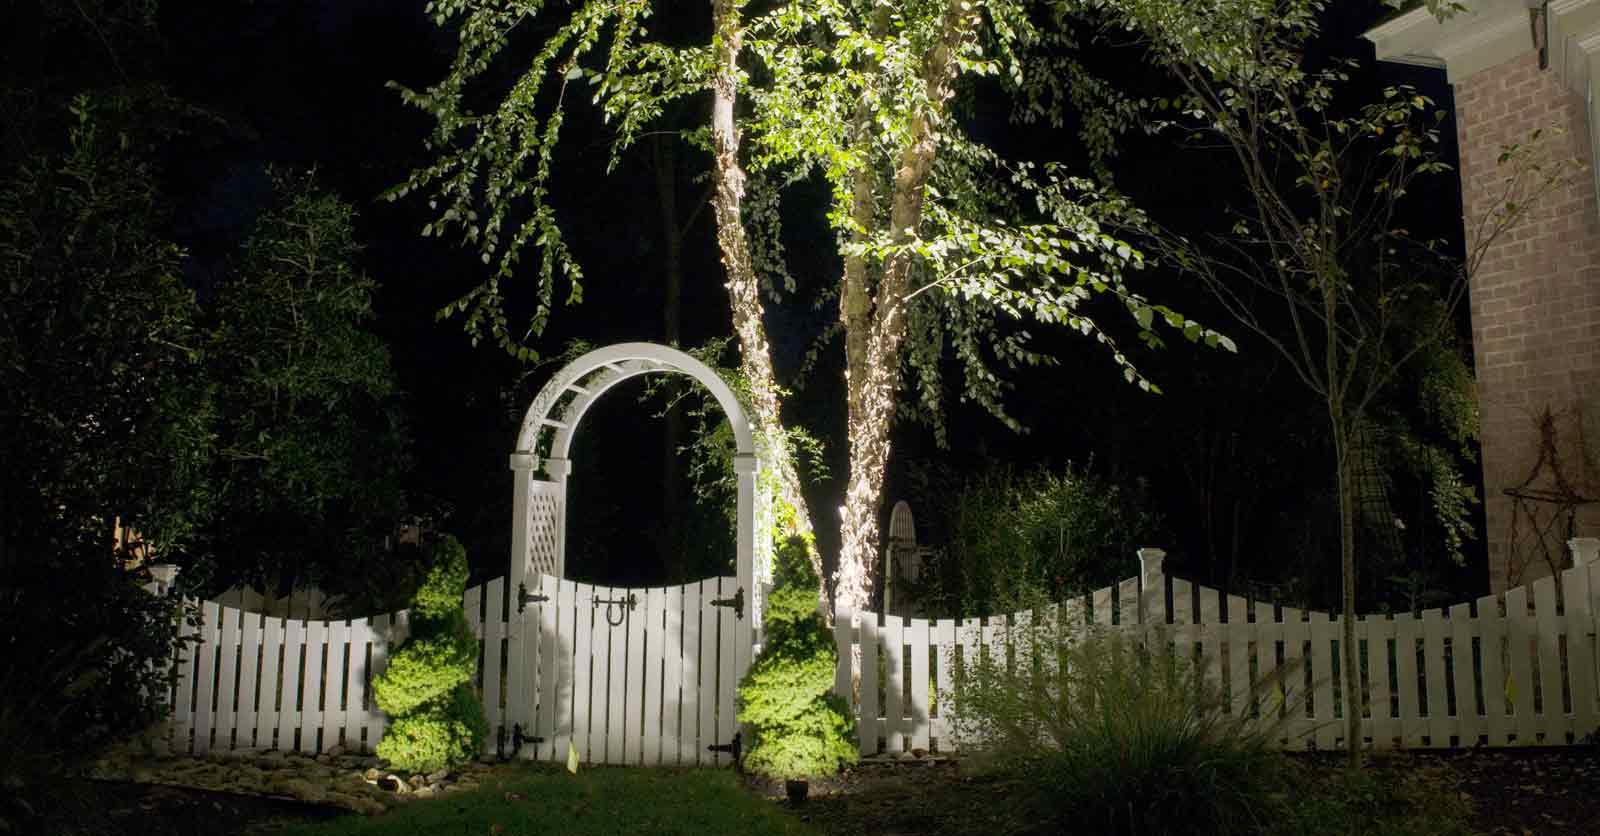 hampton roads garden lighting